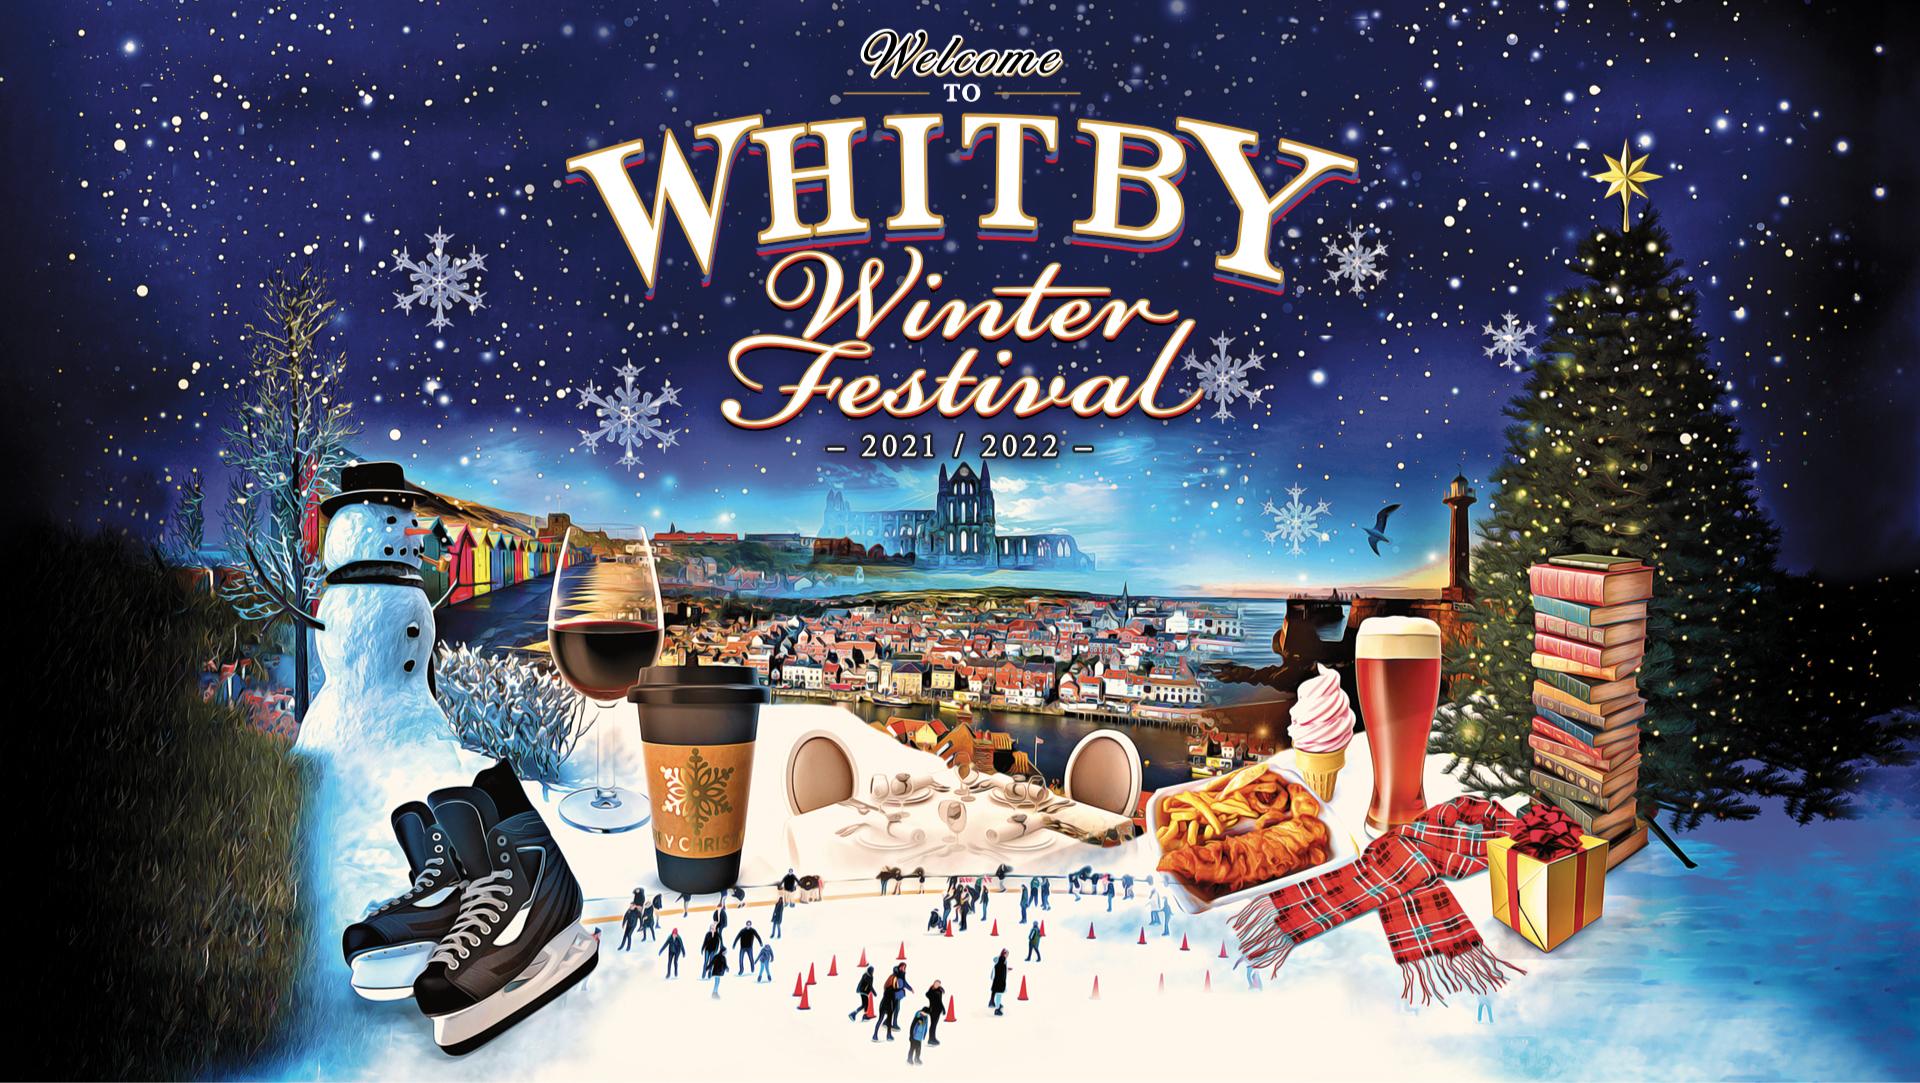 Whitby Winter Festival